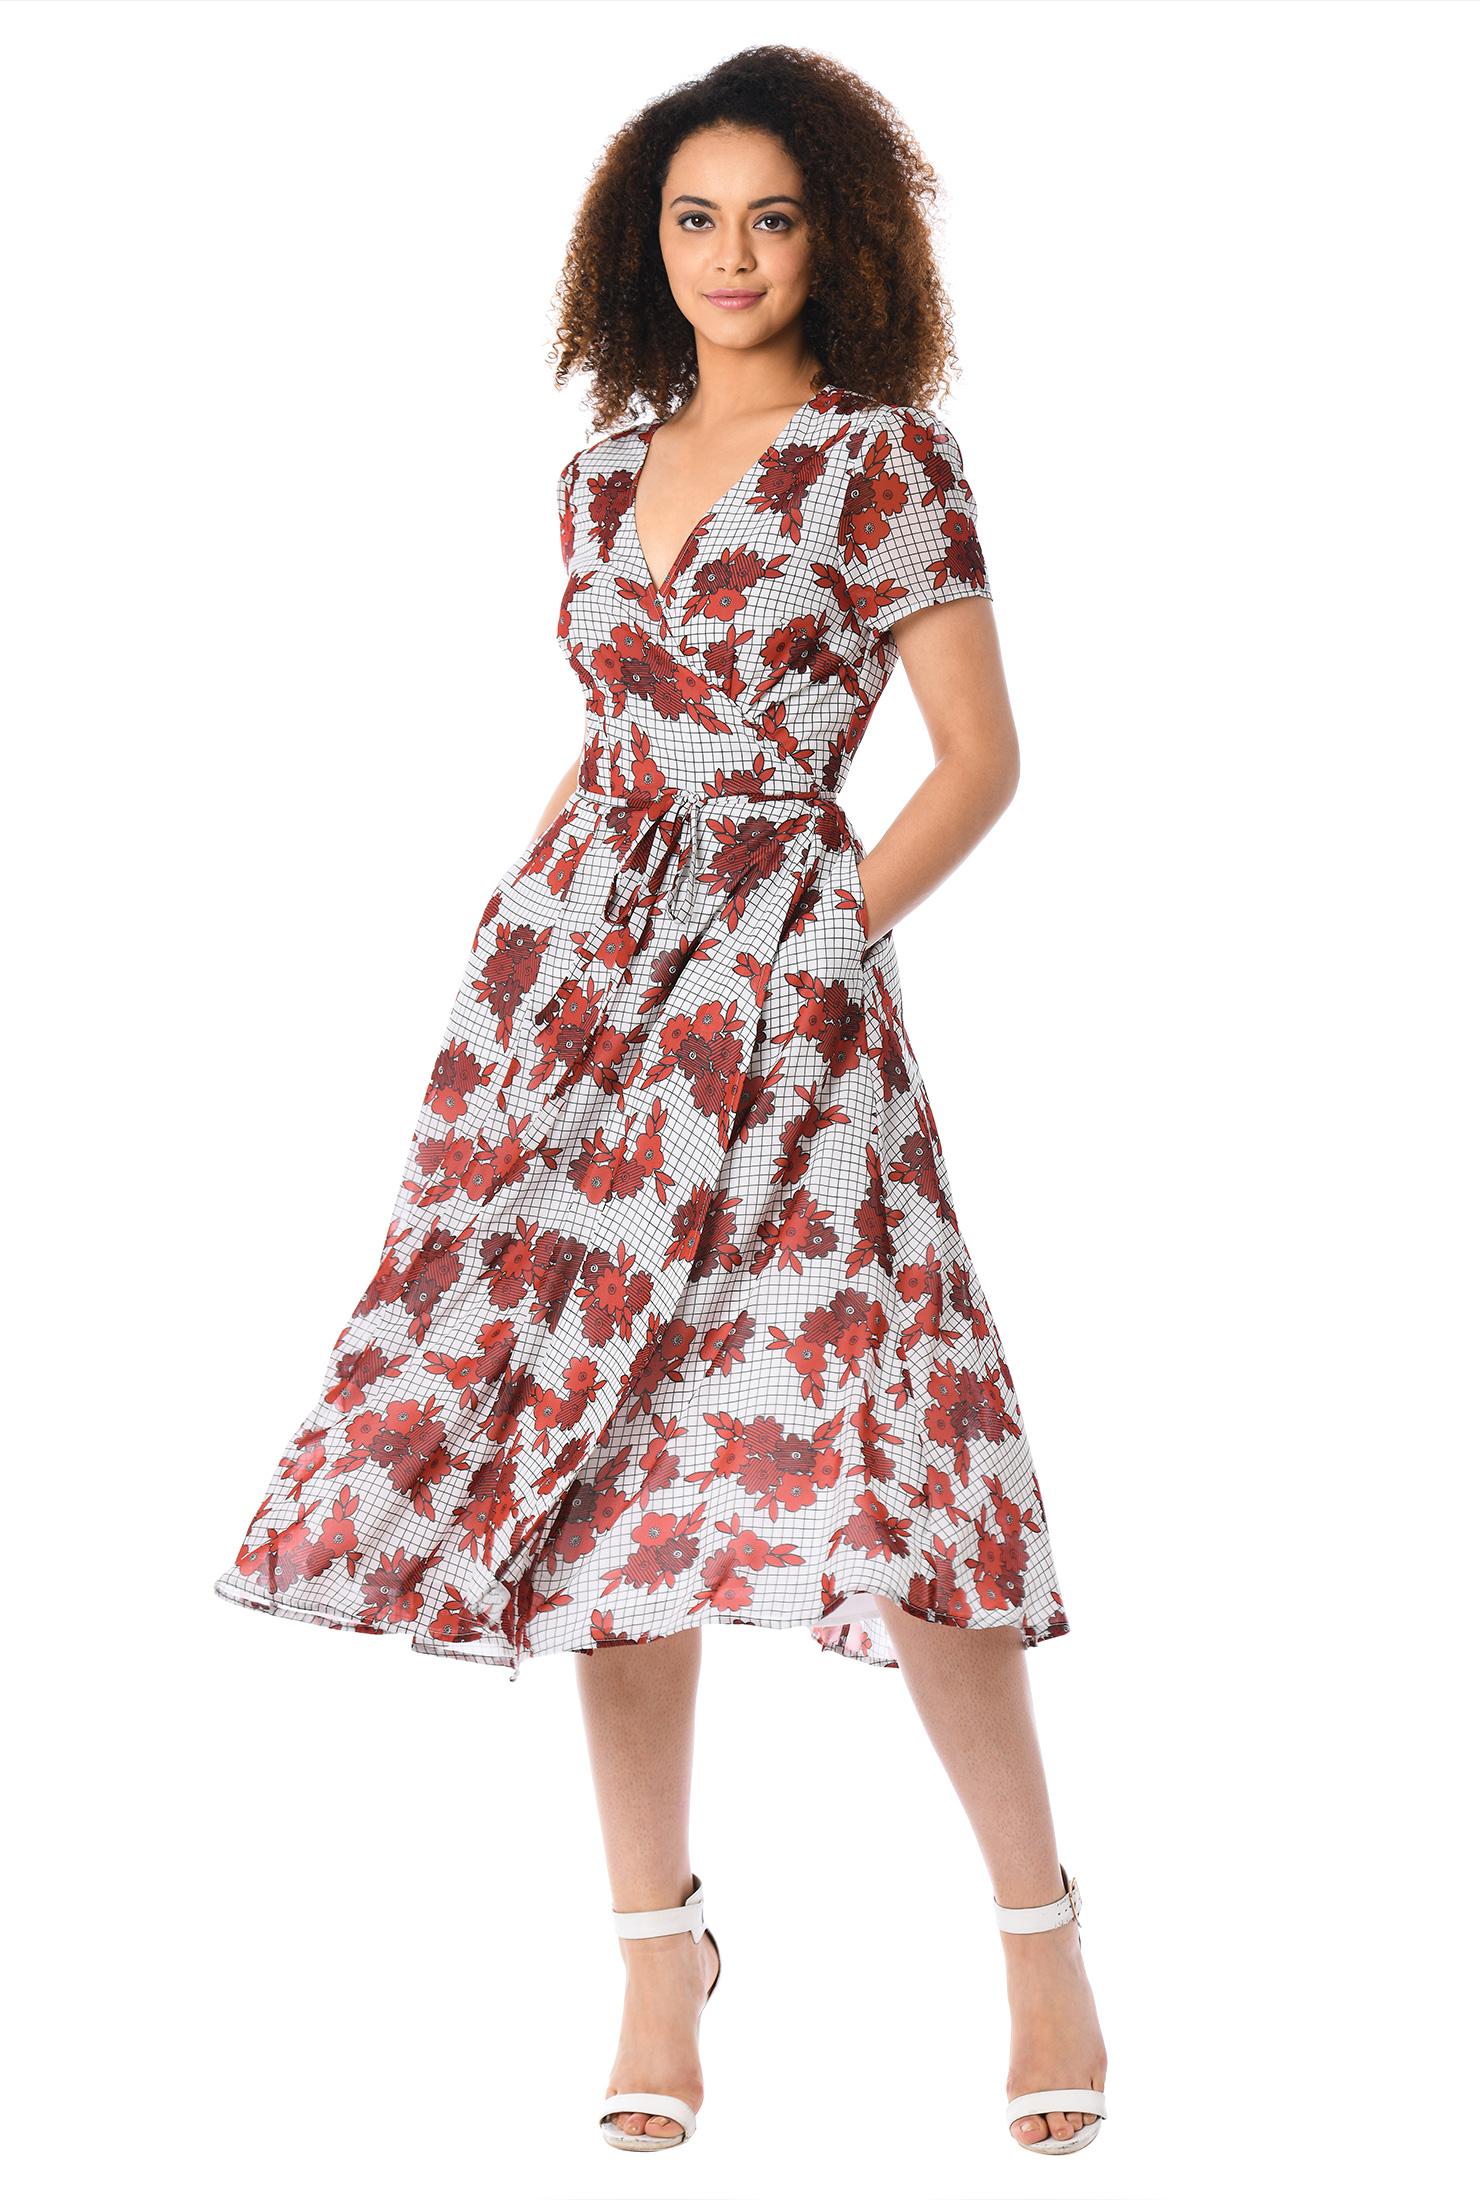 08ddd986093c Women s Fashion Clothing 0-36W and Custom